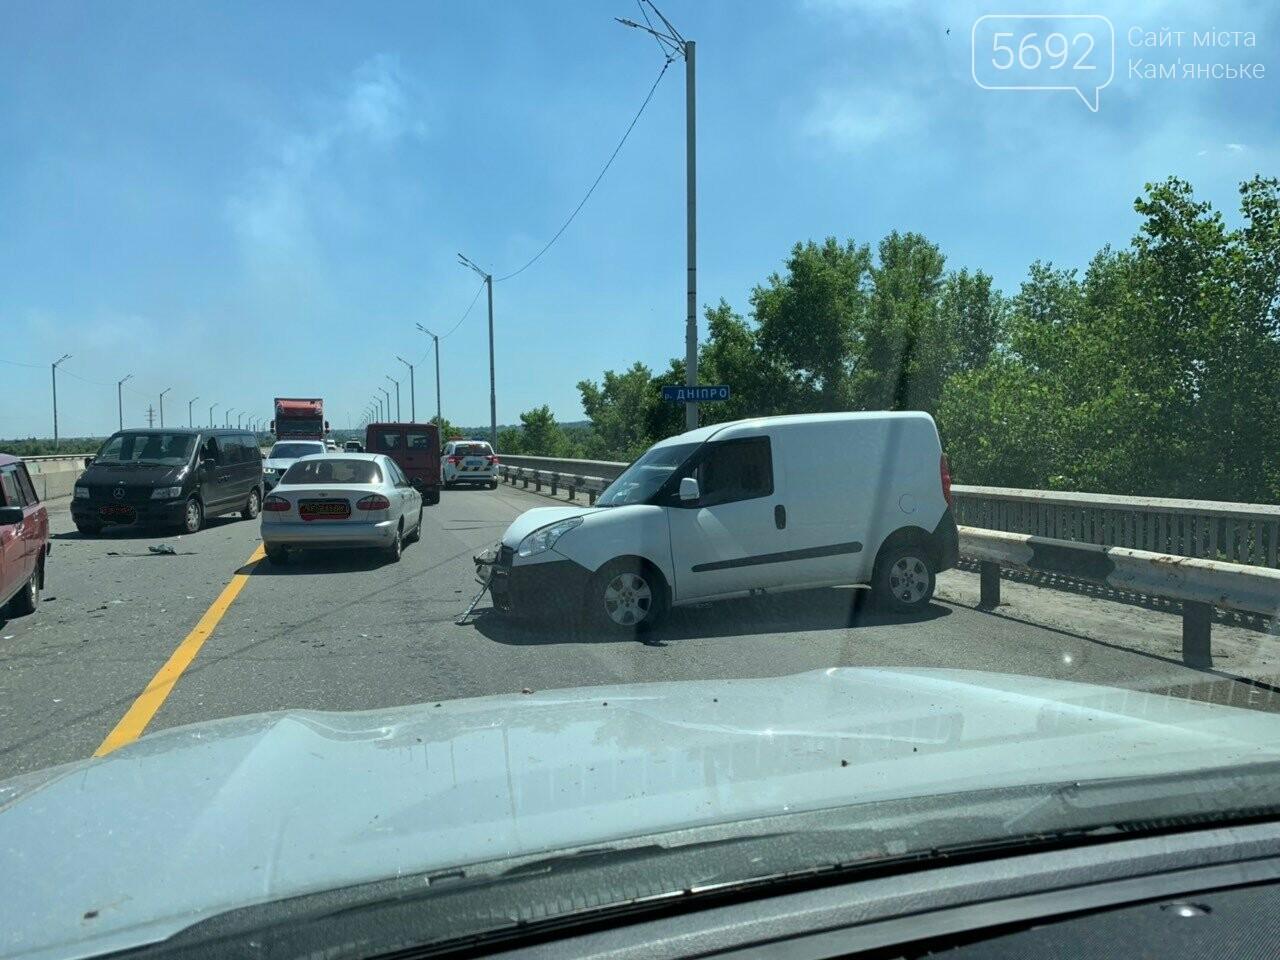 В Каменском на мосту произошло лобовое столкновение двух авто: есть пострадавшие , фото-2